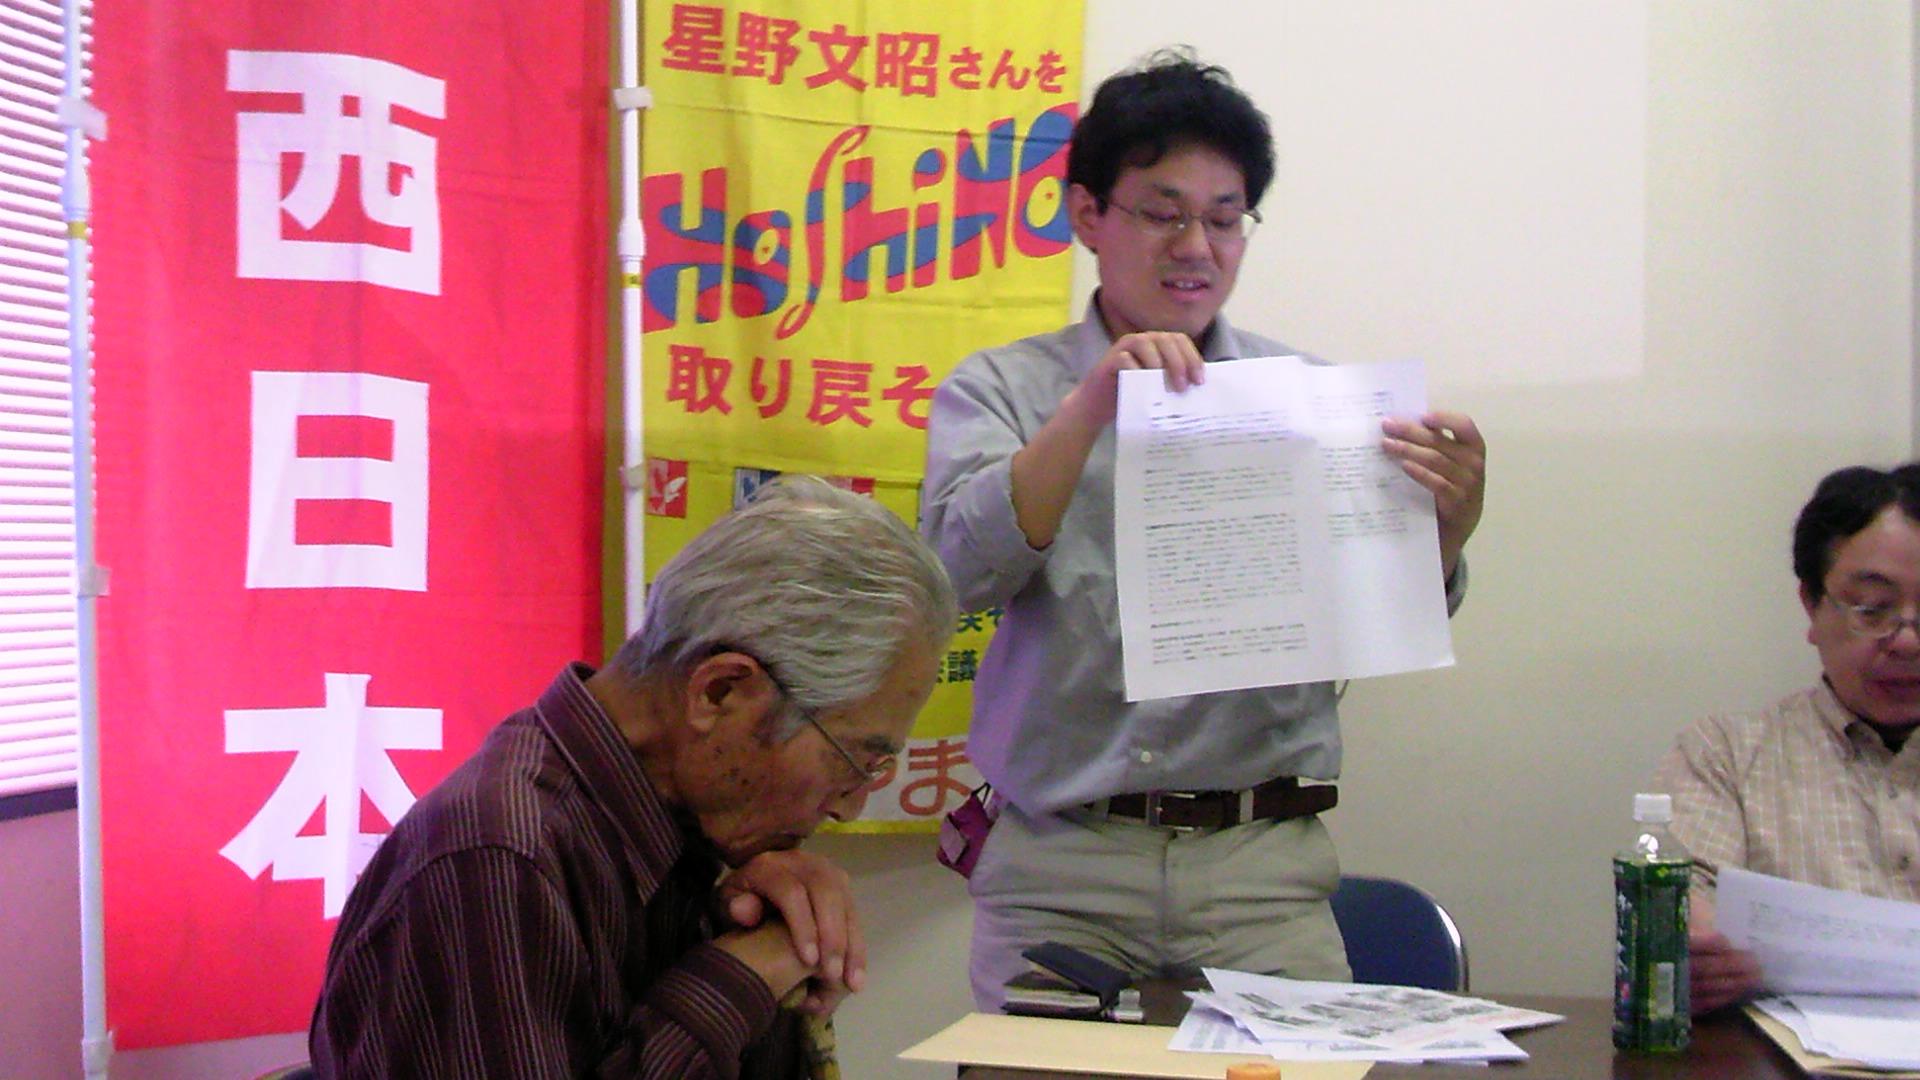 矢山有作さんを先頭に、国鉄闘争全国運動・岡山総会を開催しました_d0155415_1844948.jpg